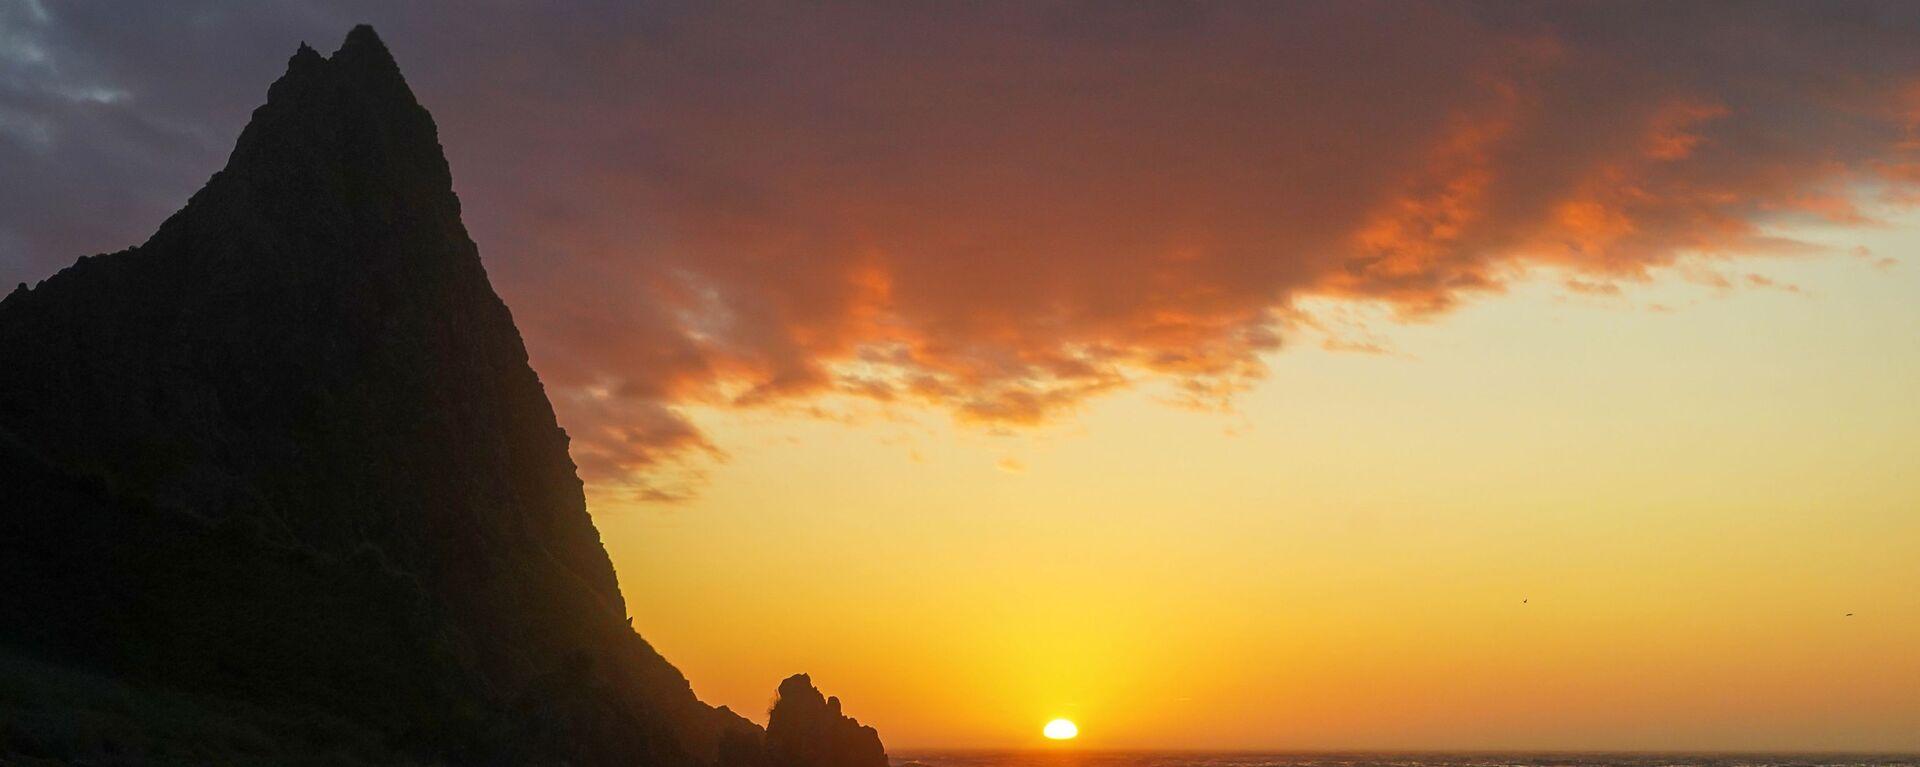 Zachód słońca na półwyspie Wasin na wyspie Urup (wyspa południowej grupy Wielkiego Grzbietu Wysp Kurylskich) - Sputnik Polska, 1920, 10.08.2020